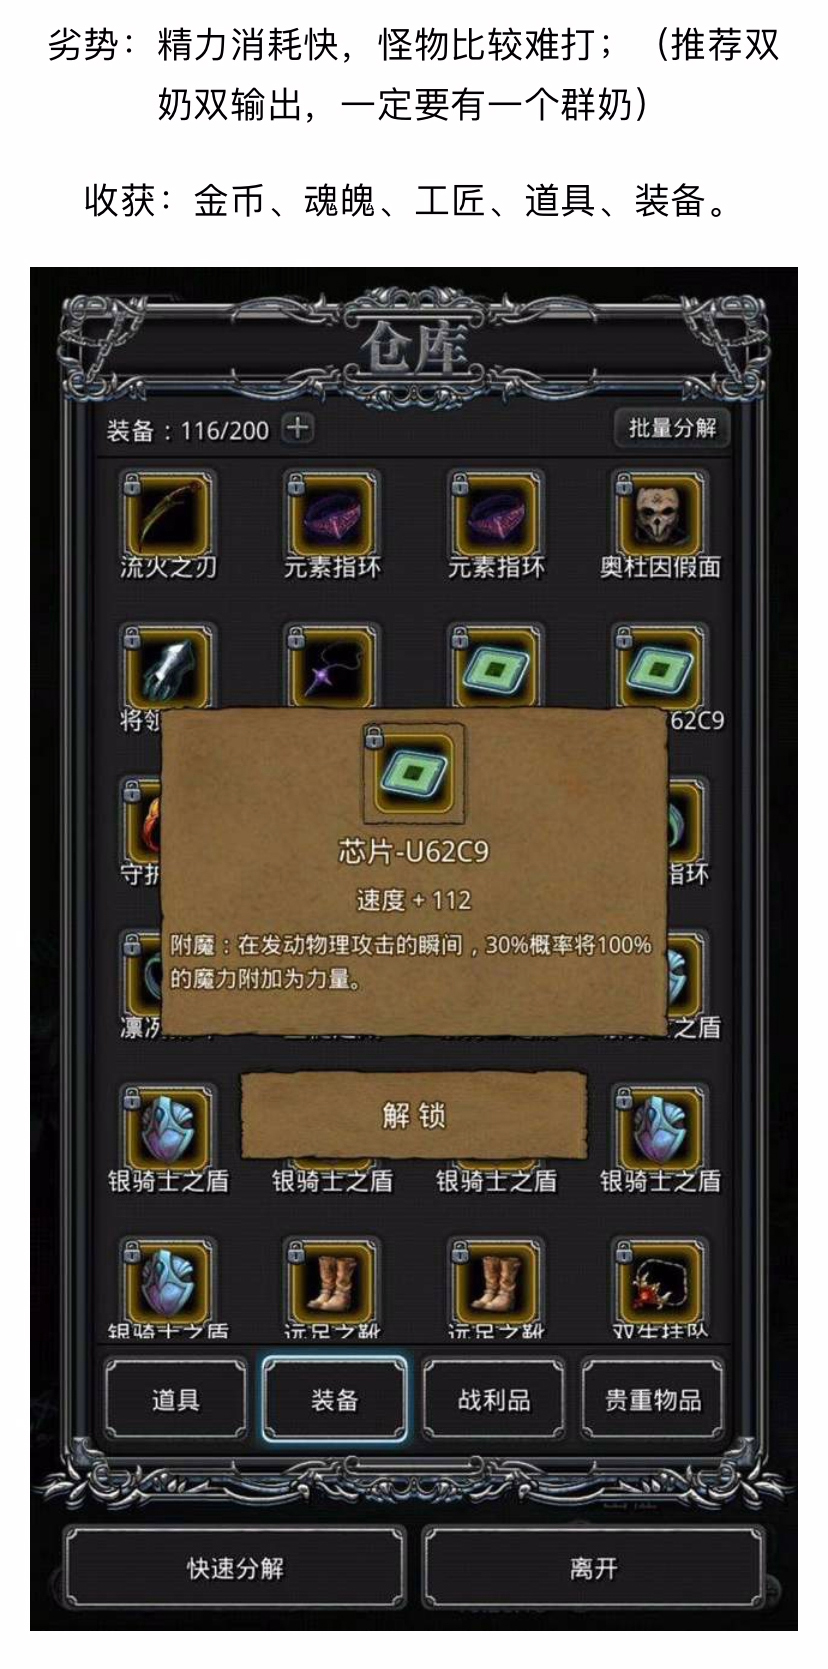 地下城堡2幻境森林怎么进-幻境森林打法攻略_03.jpg